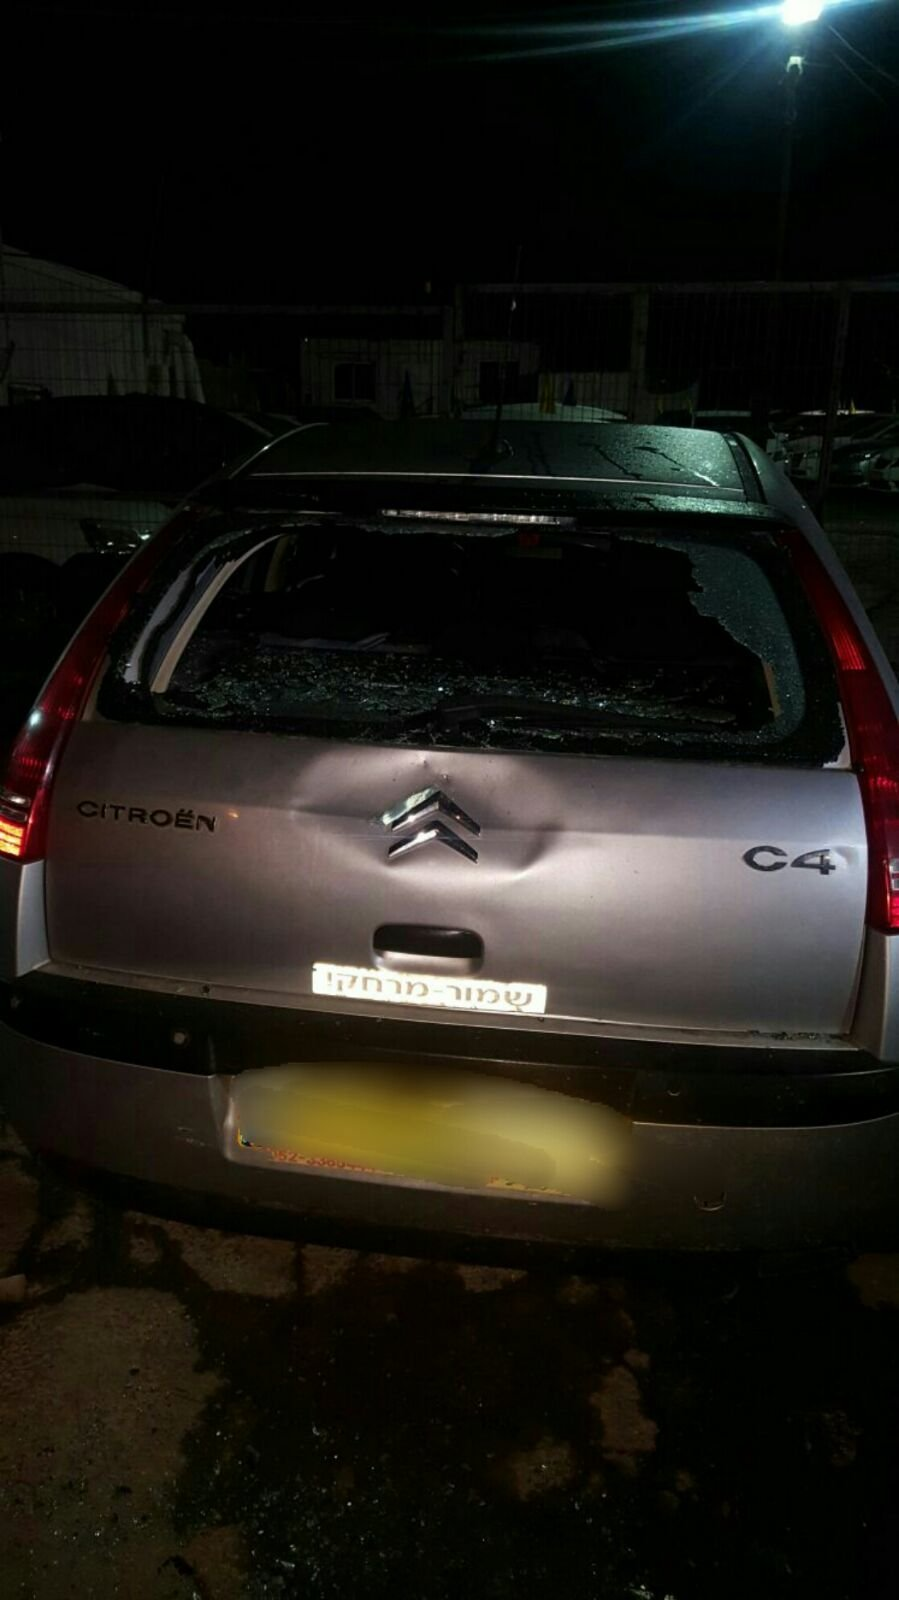 كفر مندا: حادث بسيط يسفر عن شجار عنيف واعتقال 11 مشتبهًا وتسجيل اضرار مادية